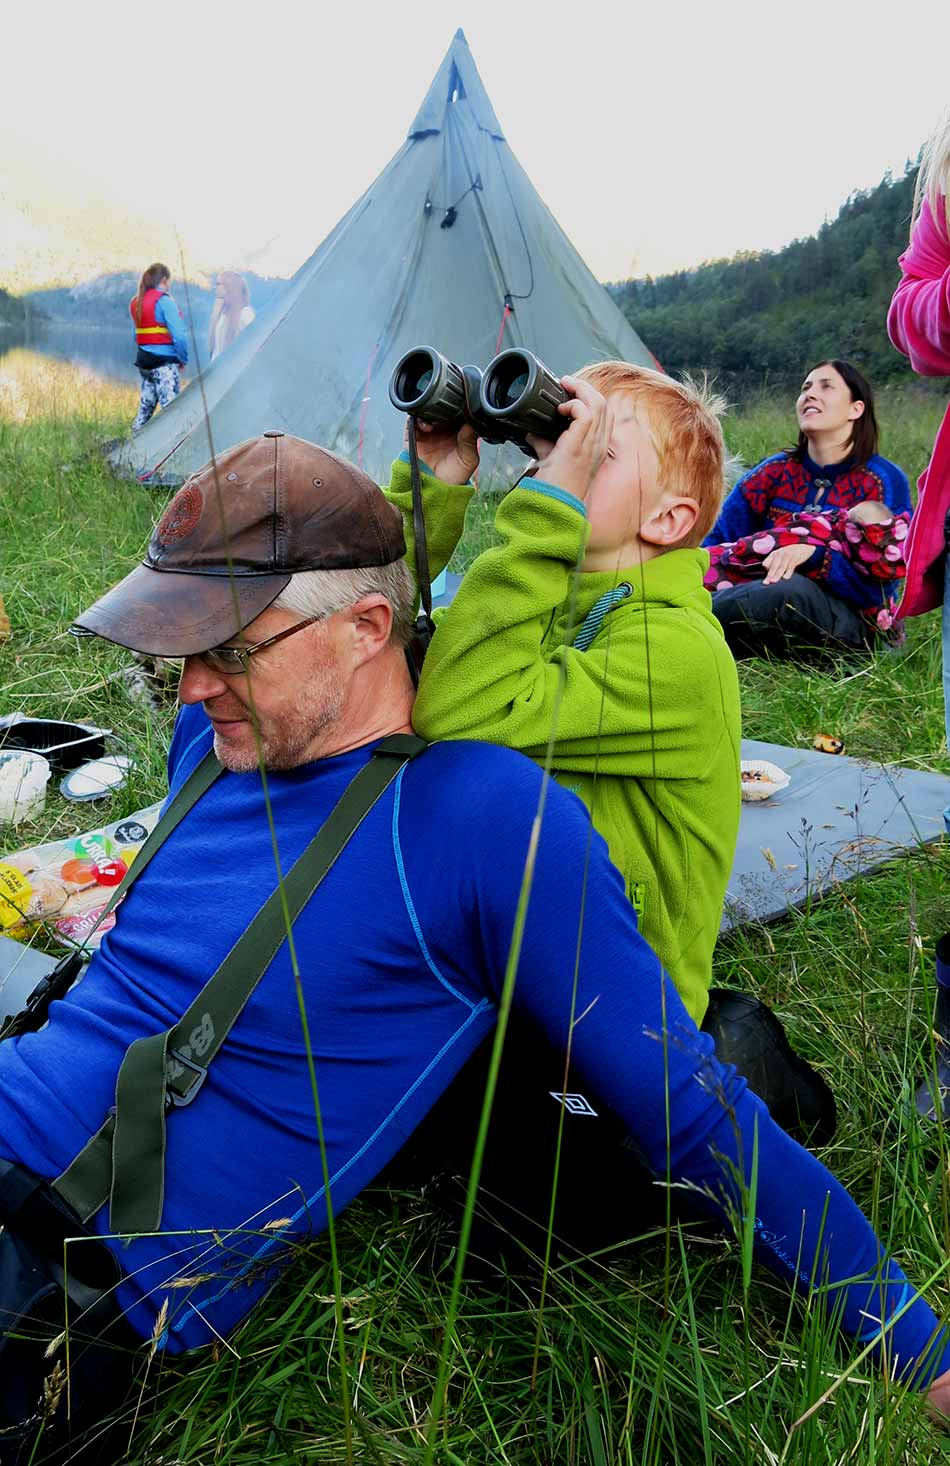 OPPDAGING : Jon-Ivar Rønnekleiv brukar pappa Torger som stativ og zoomar inn hjorten i fjellsida.